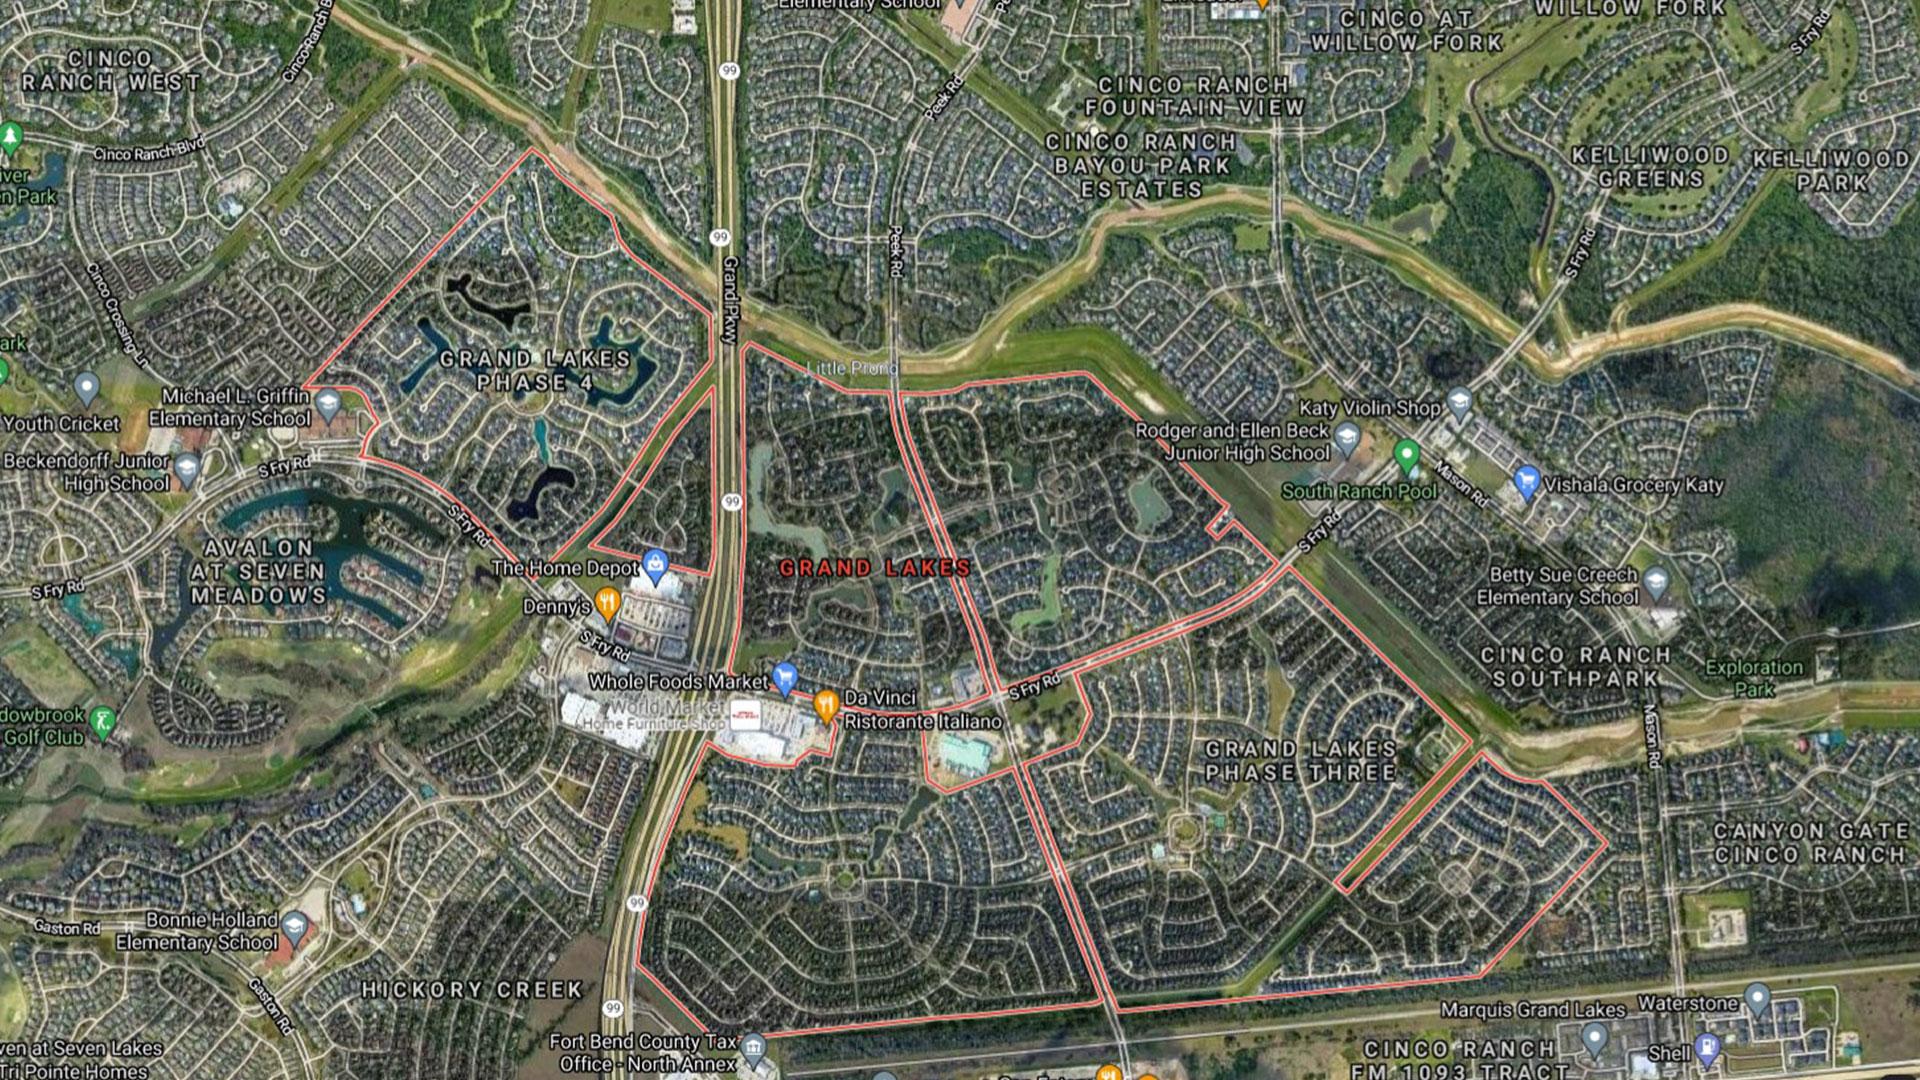 West-Houston-Neighborhood---GRAND-LAKES